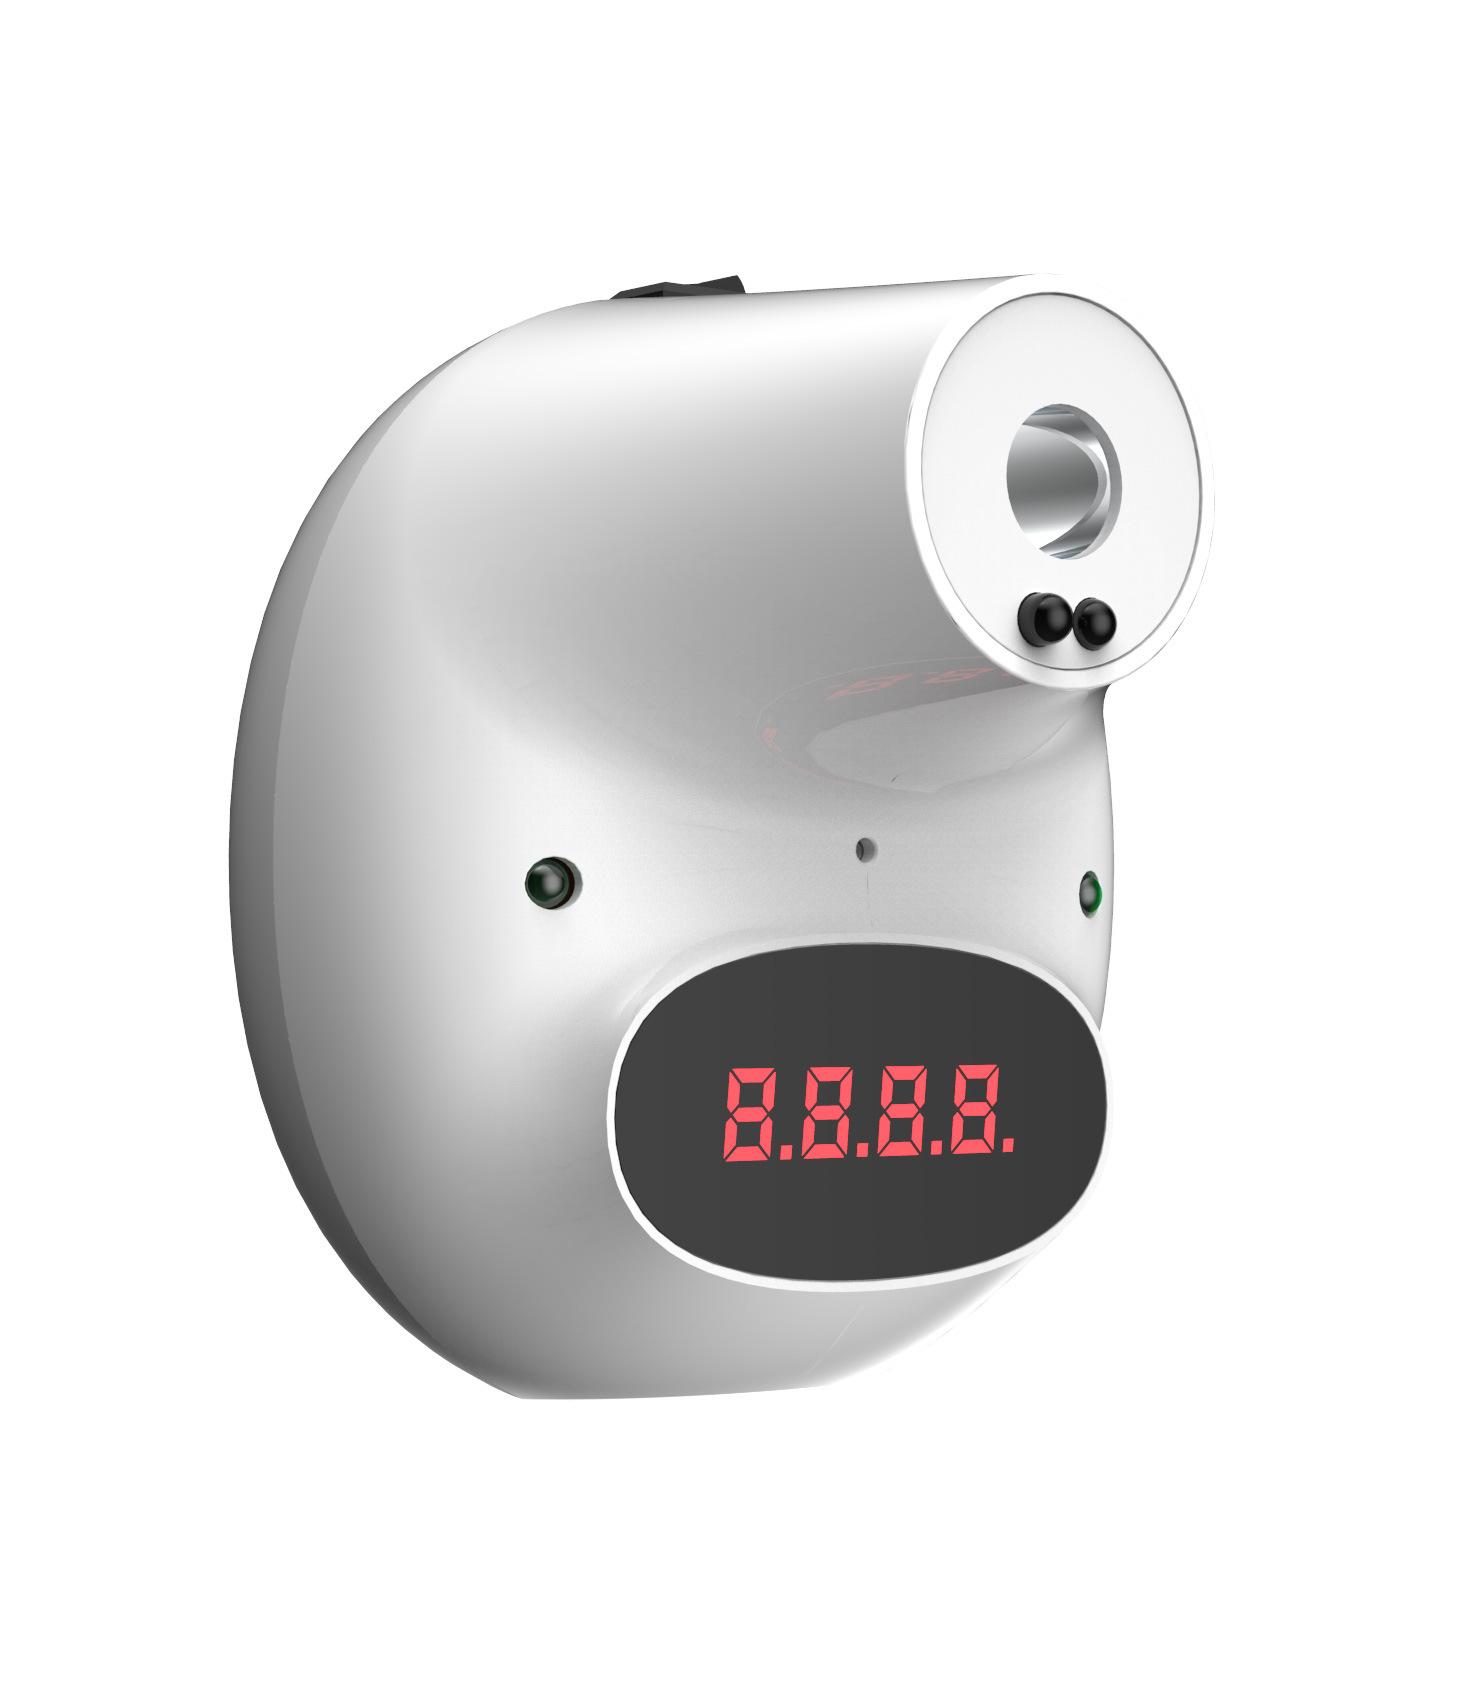 红外线测温仪挂壁式自动测温仪电子体温计感应额温枪智能温枪度